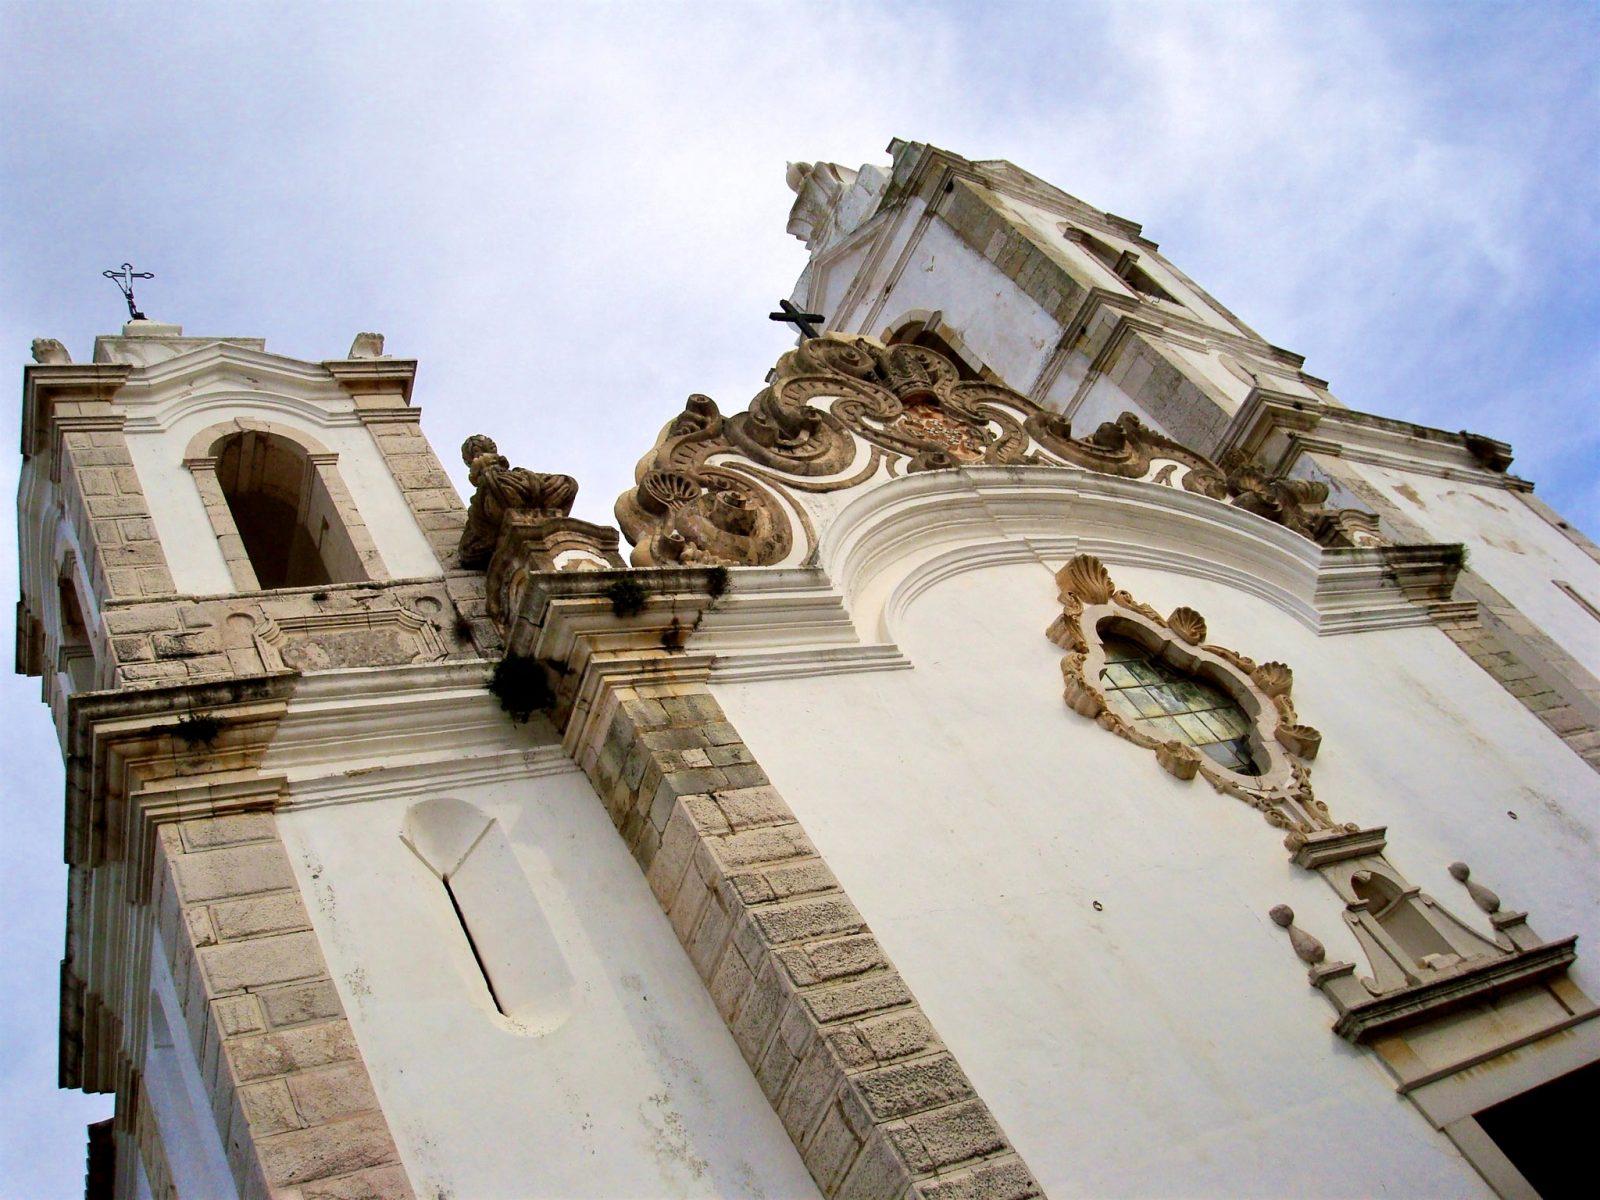 Церковь Святого Антония (фото: Paul Fenton)